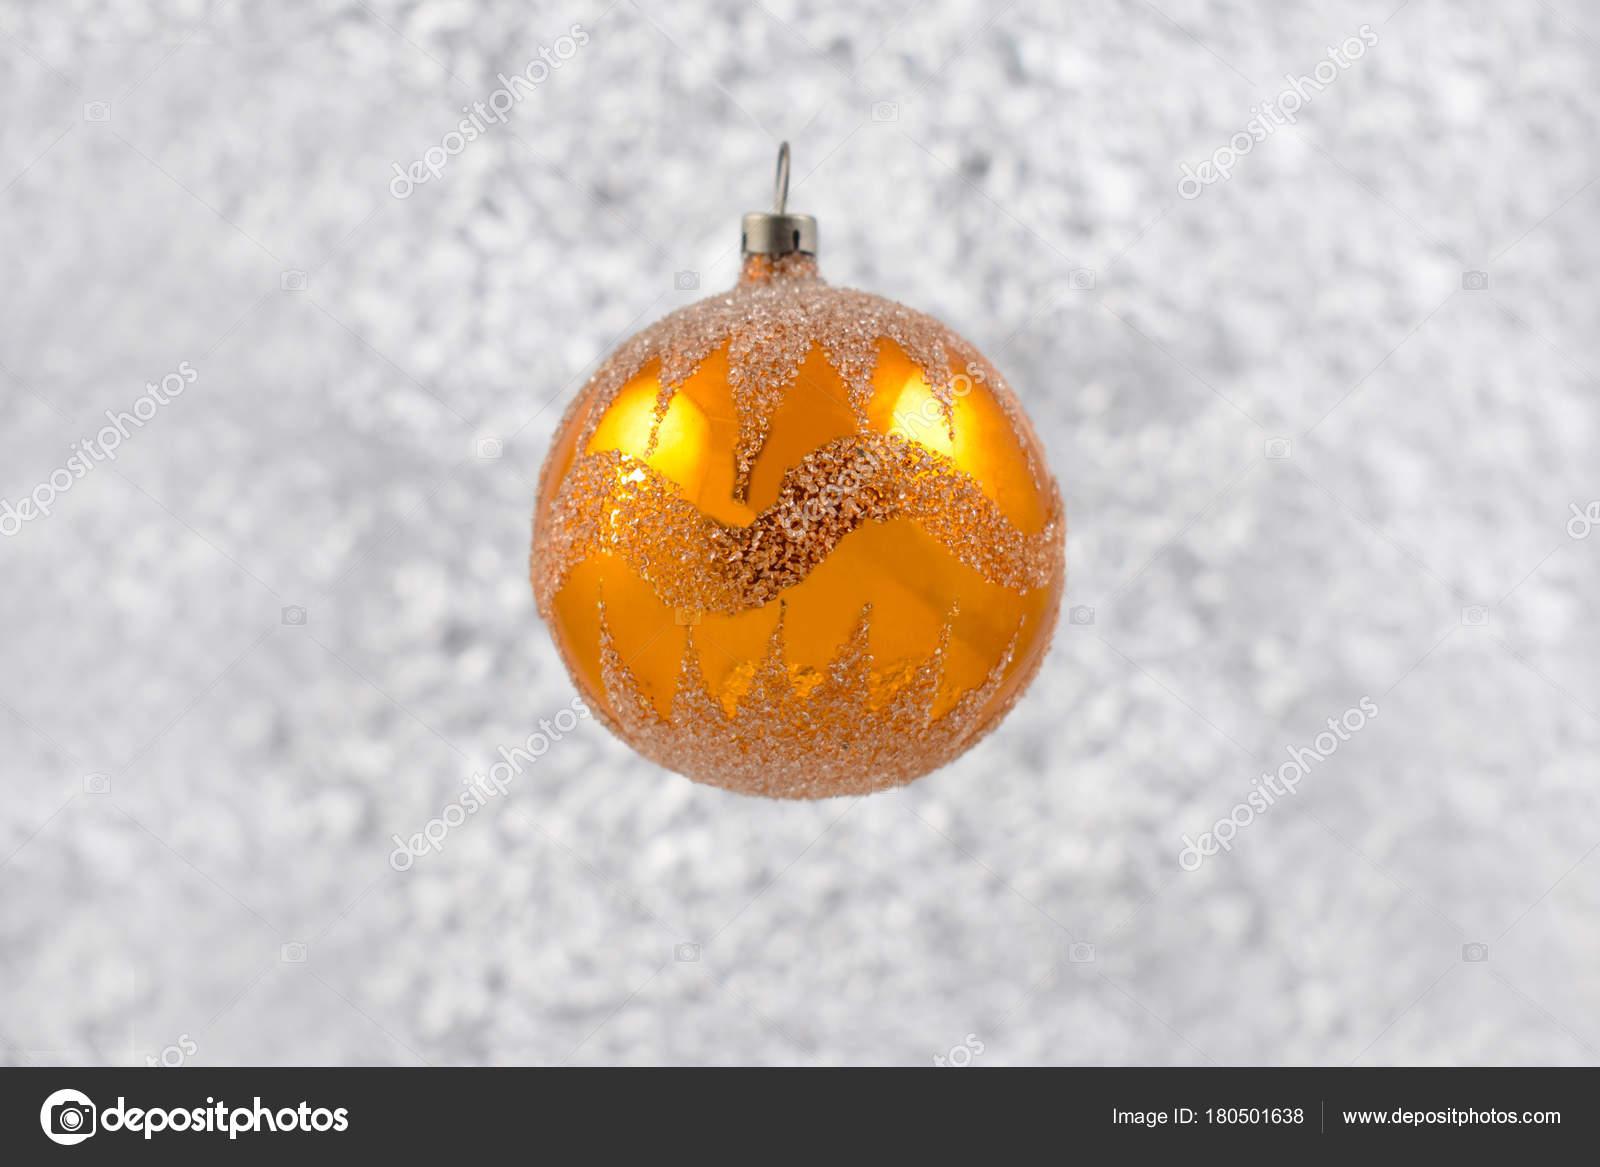 Weihnachtsbilder Mit Kugeln.Gelbe Kugel Lager Weihnachtsbilder Vintage Weihnachtskugeln